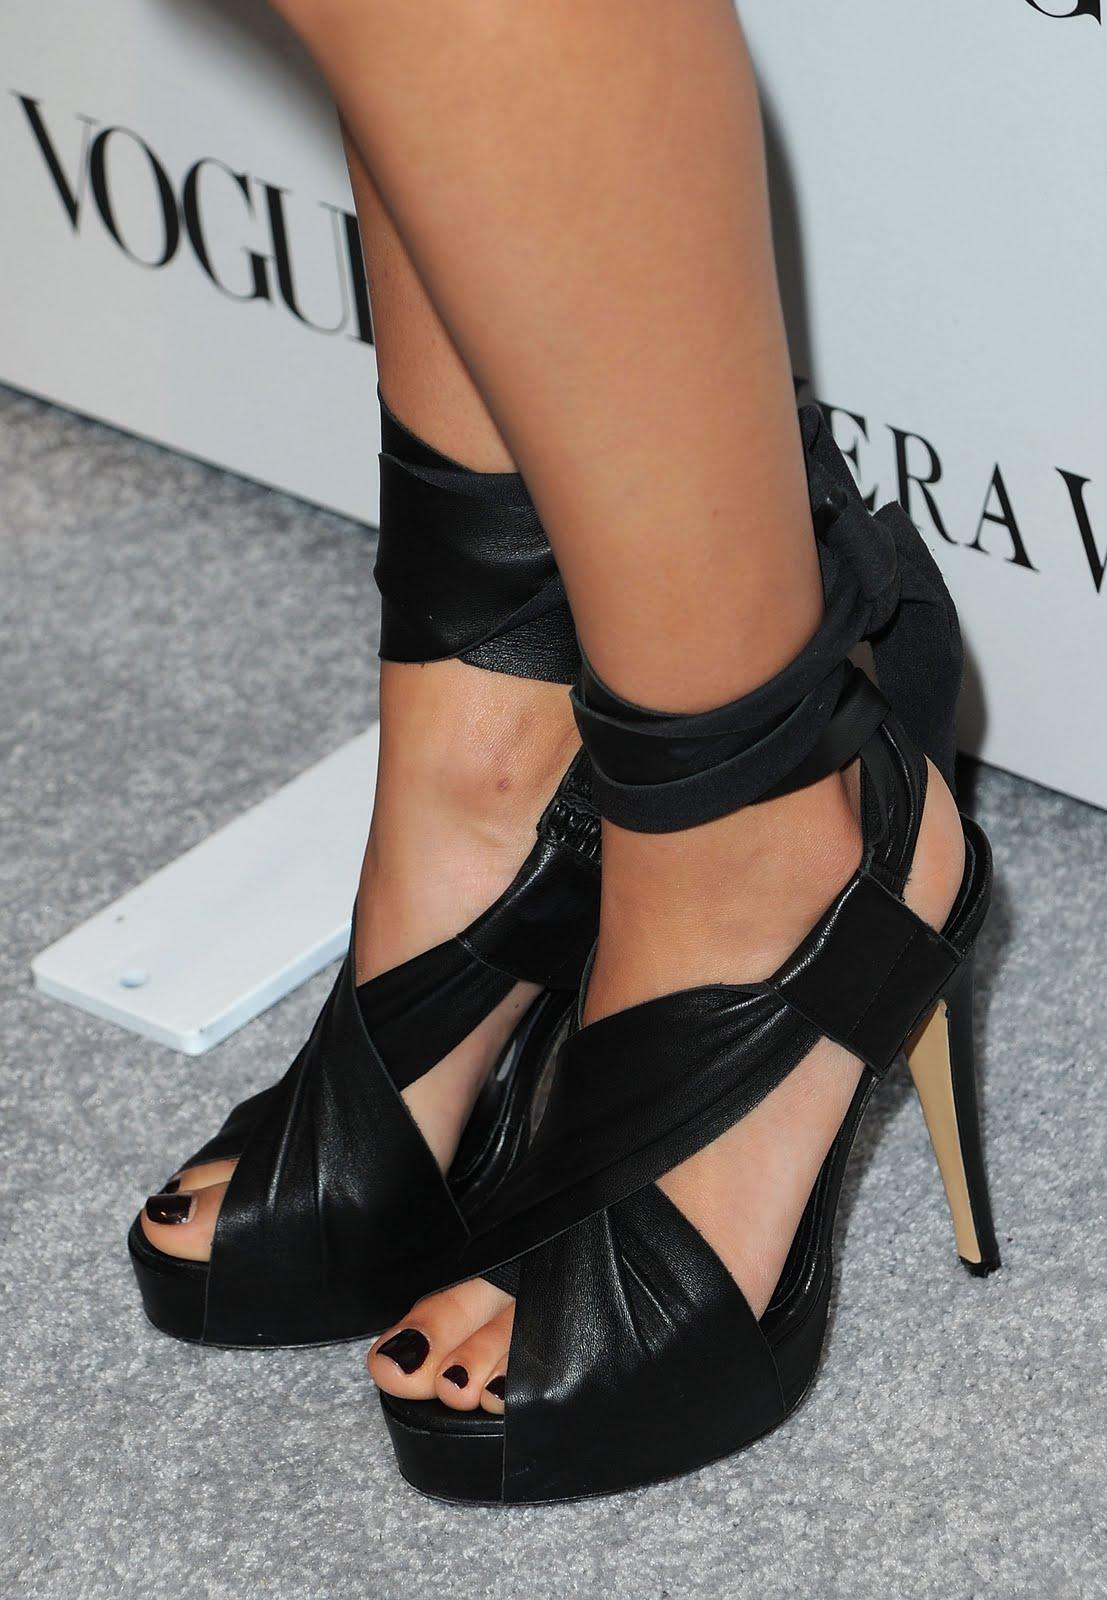 http://3.bp.blogspot.com/_UaLWp72nij4/TA7Tcfyh2YI/AAAAAAAAOR4/7_ODhTsLIf0/s1600/mila-kunis-feet.jpg